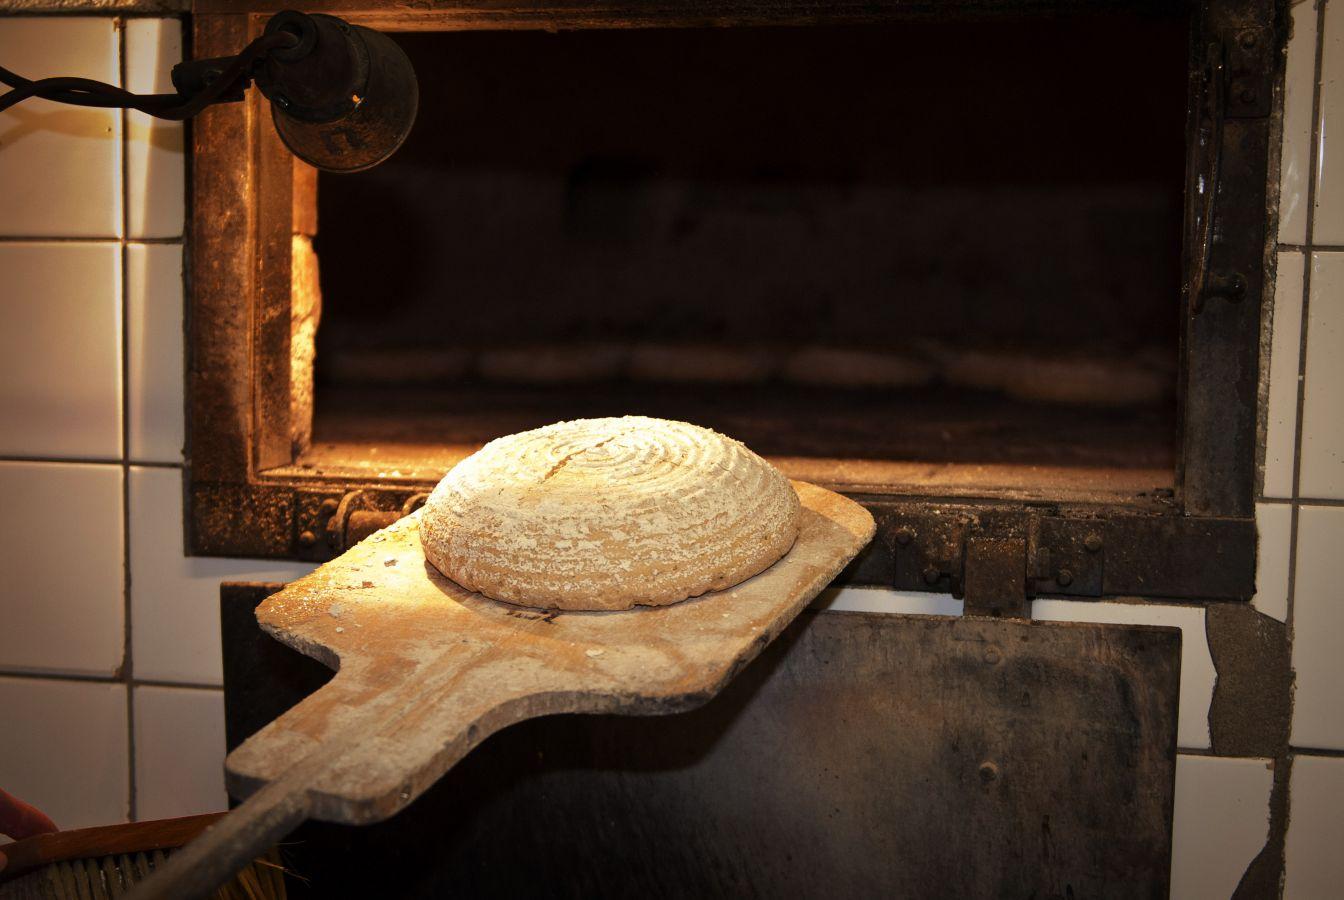 Holzofenbrot von der Bäckerei Niederl